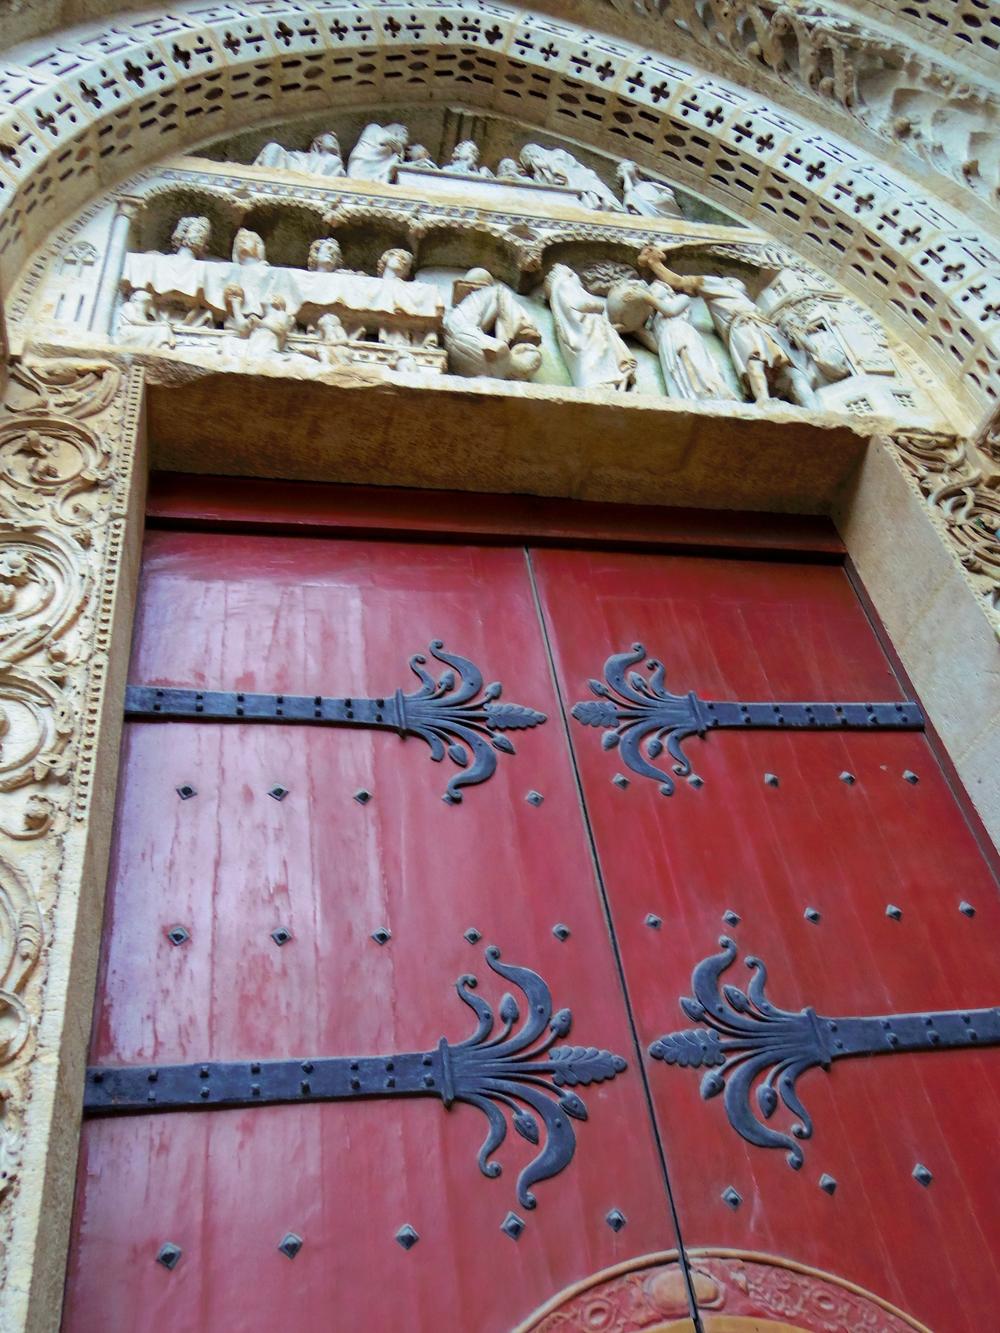 Doorway - Rouen Cathedral